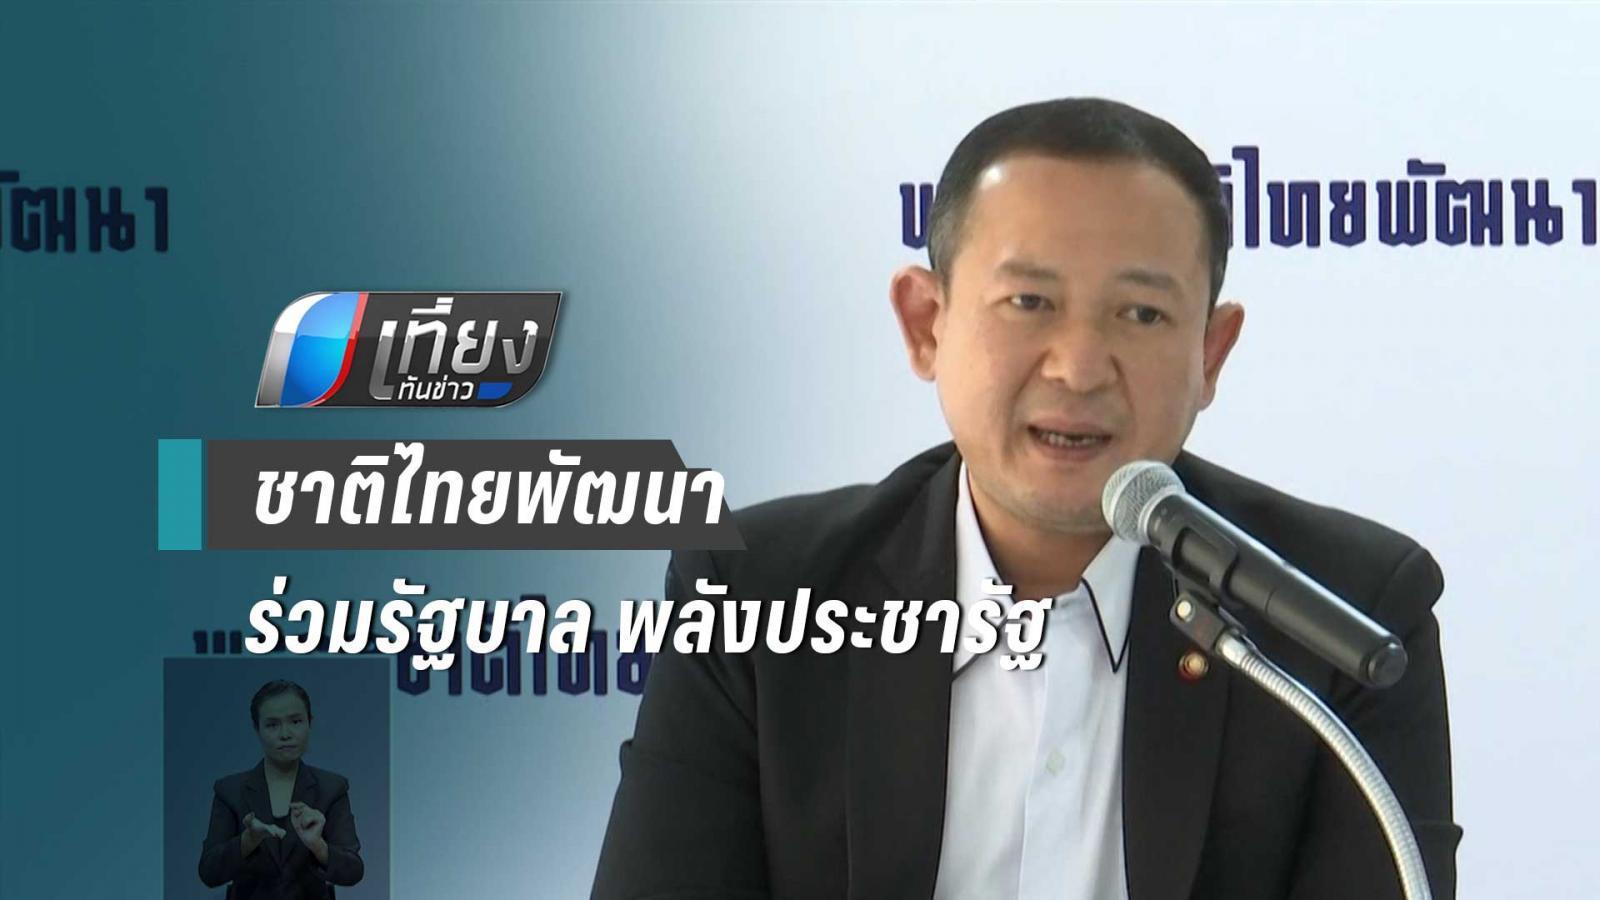 """""""ชาติไทยพัฒนา"""" ตัดสินใจร่วม """"พลังประชารัฐ"""" ตั้งรัฐบาล"""